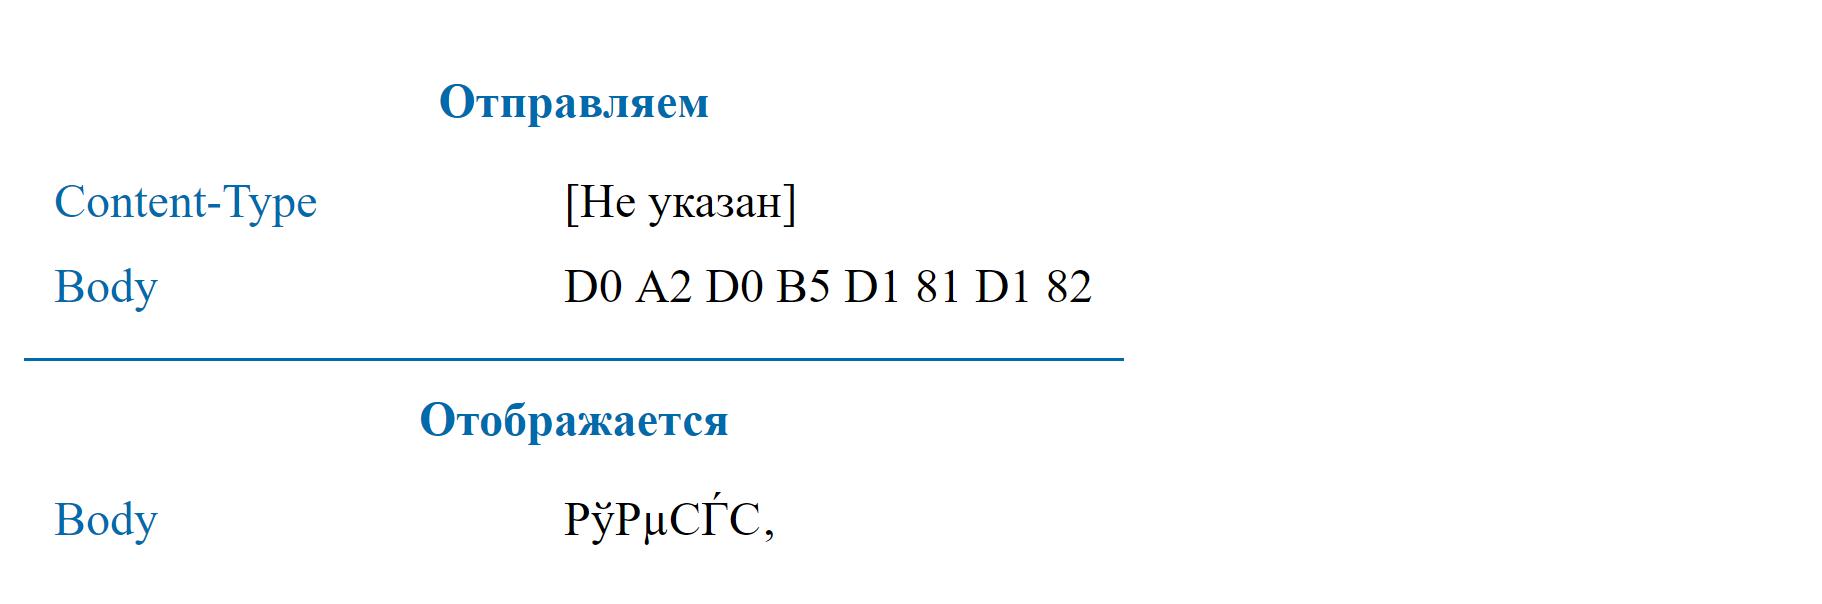 Использование UTF-8 в HTTP заголовках - 6